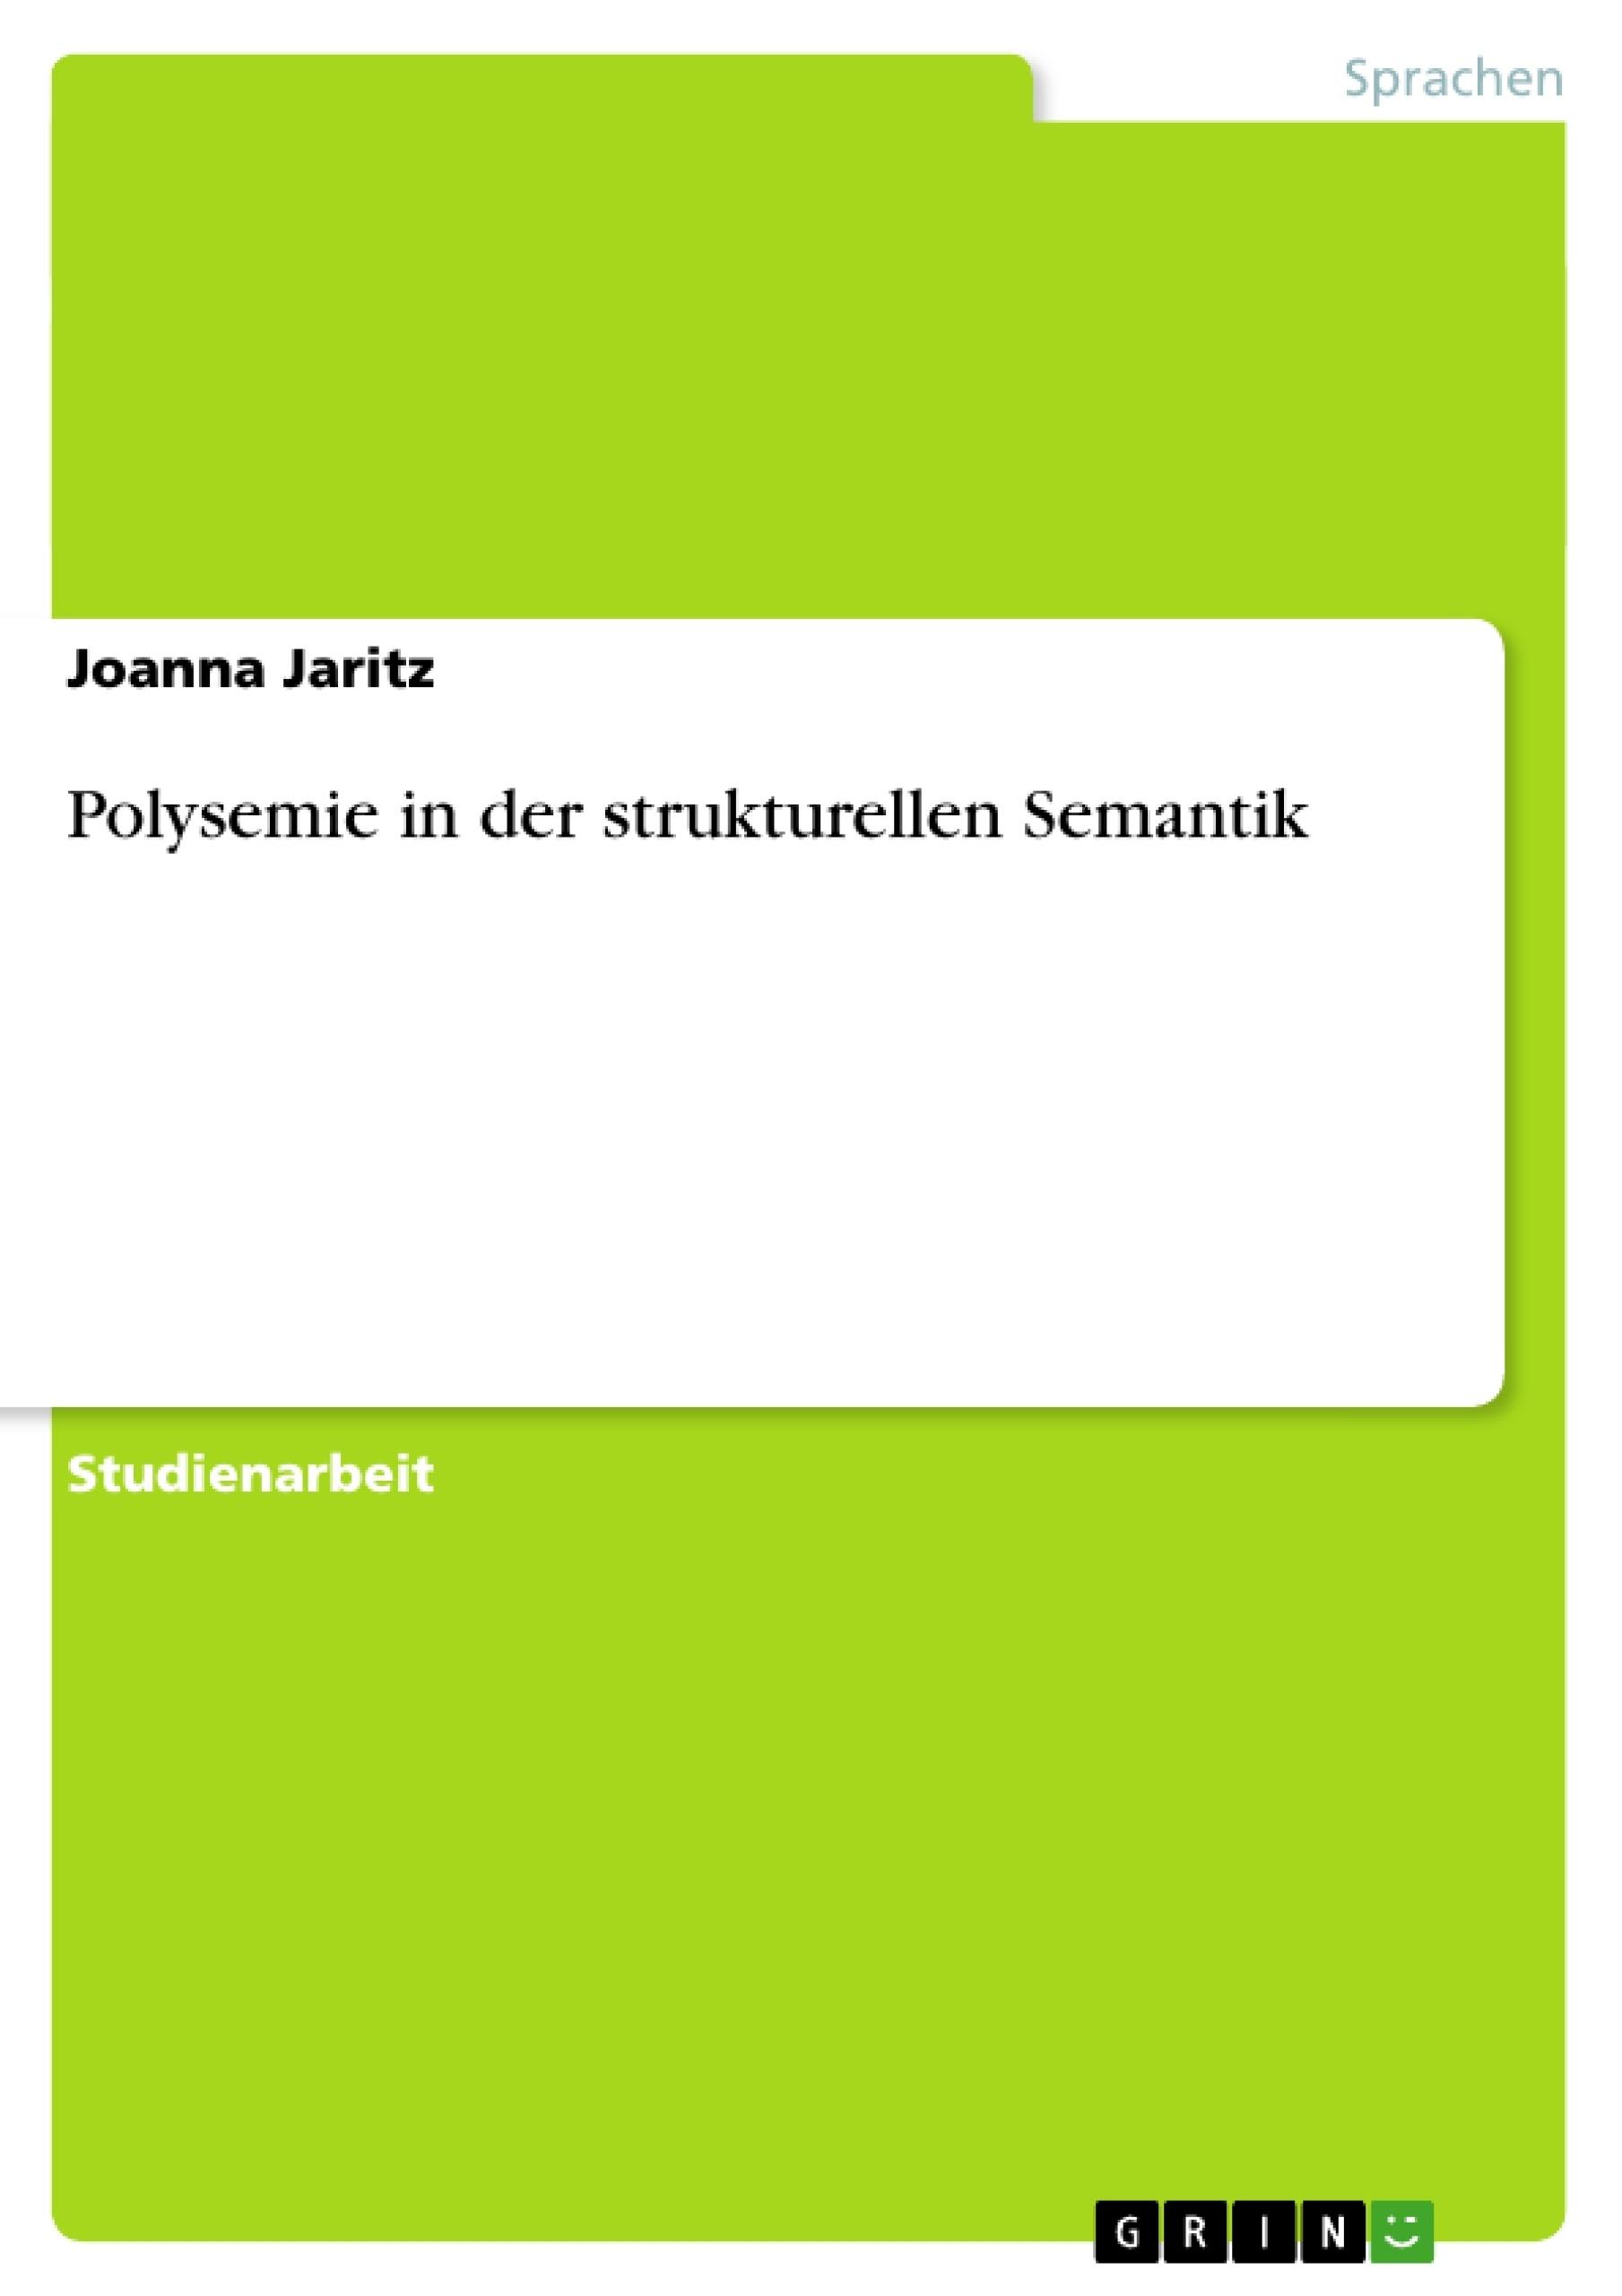 Titel: Polysemie in der strukturellen Semantik